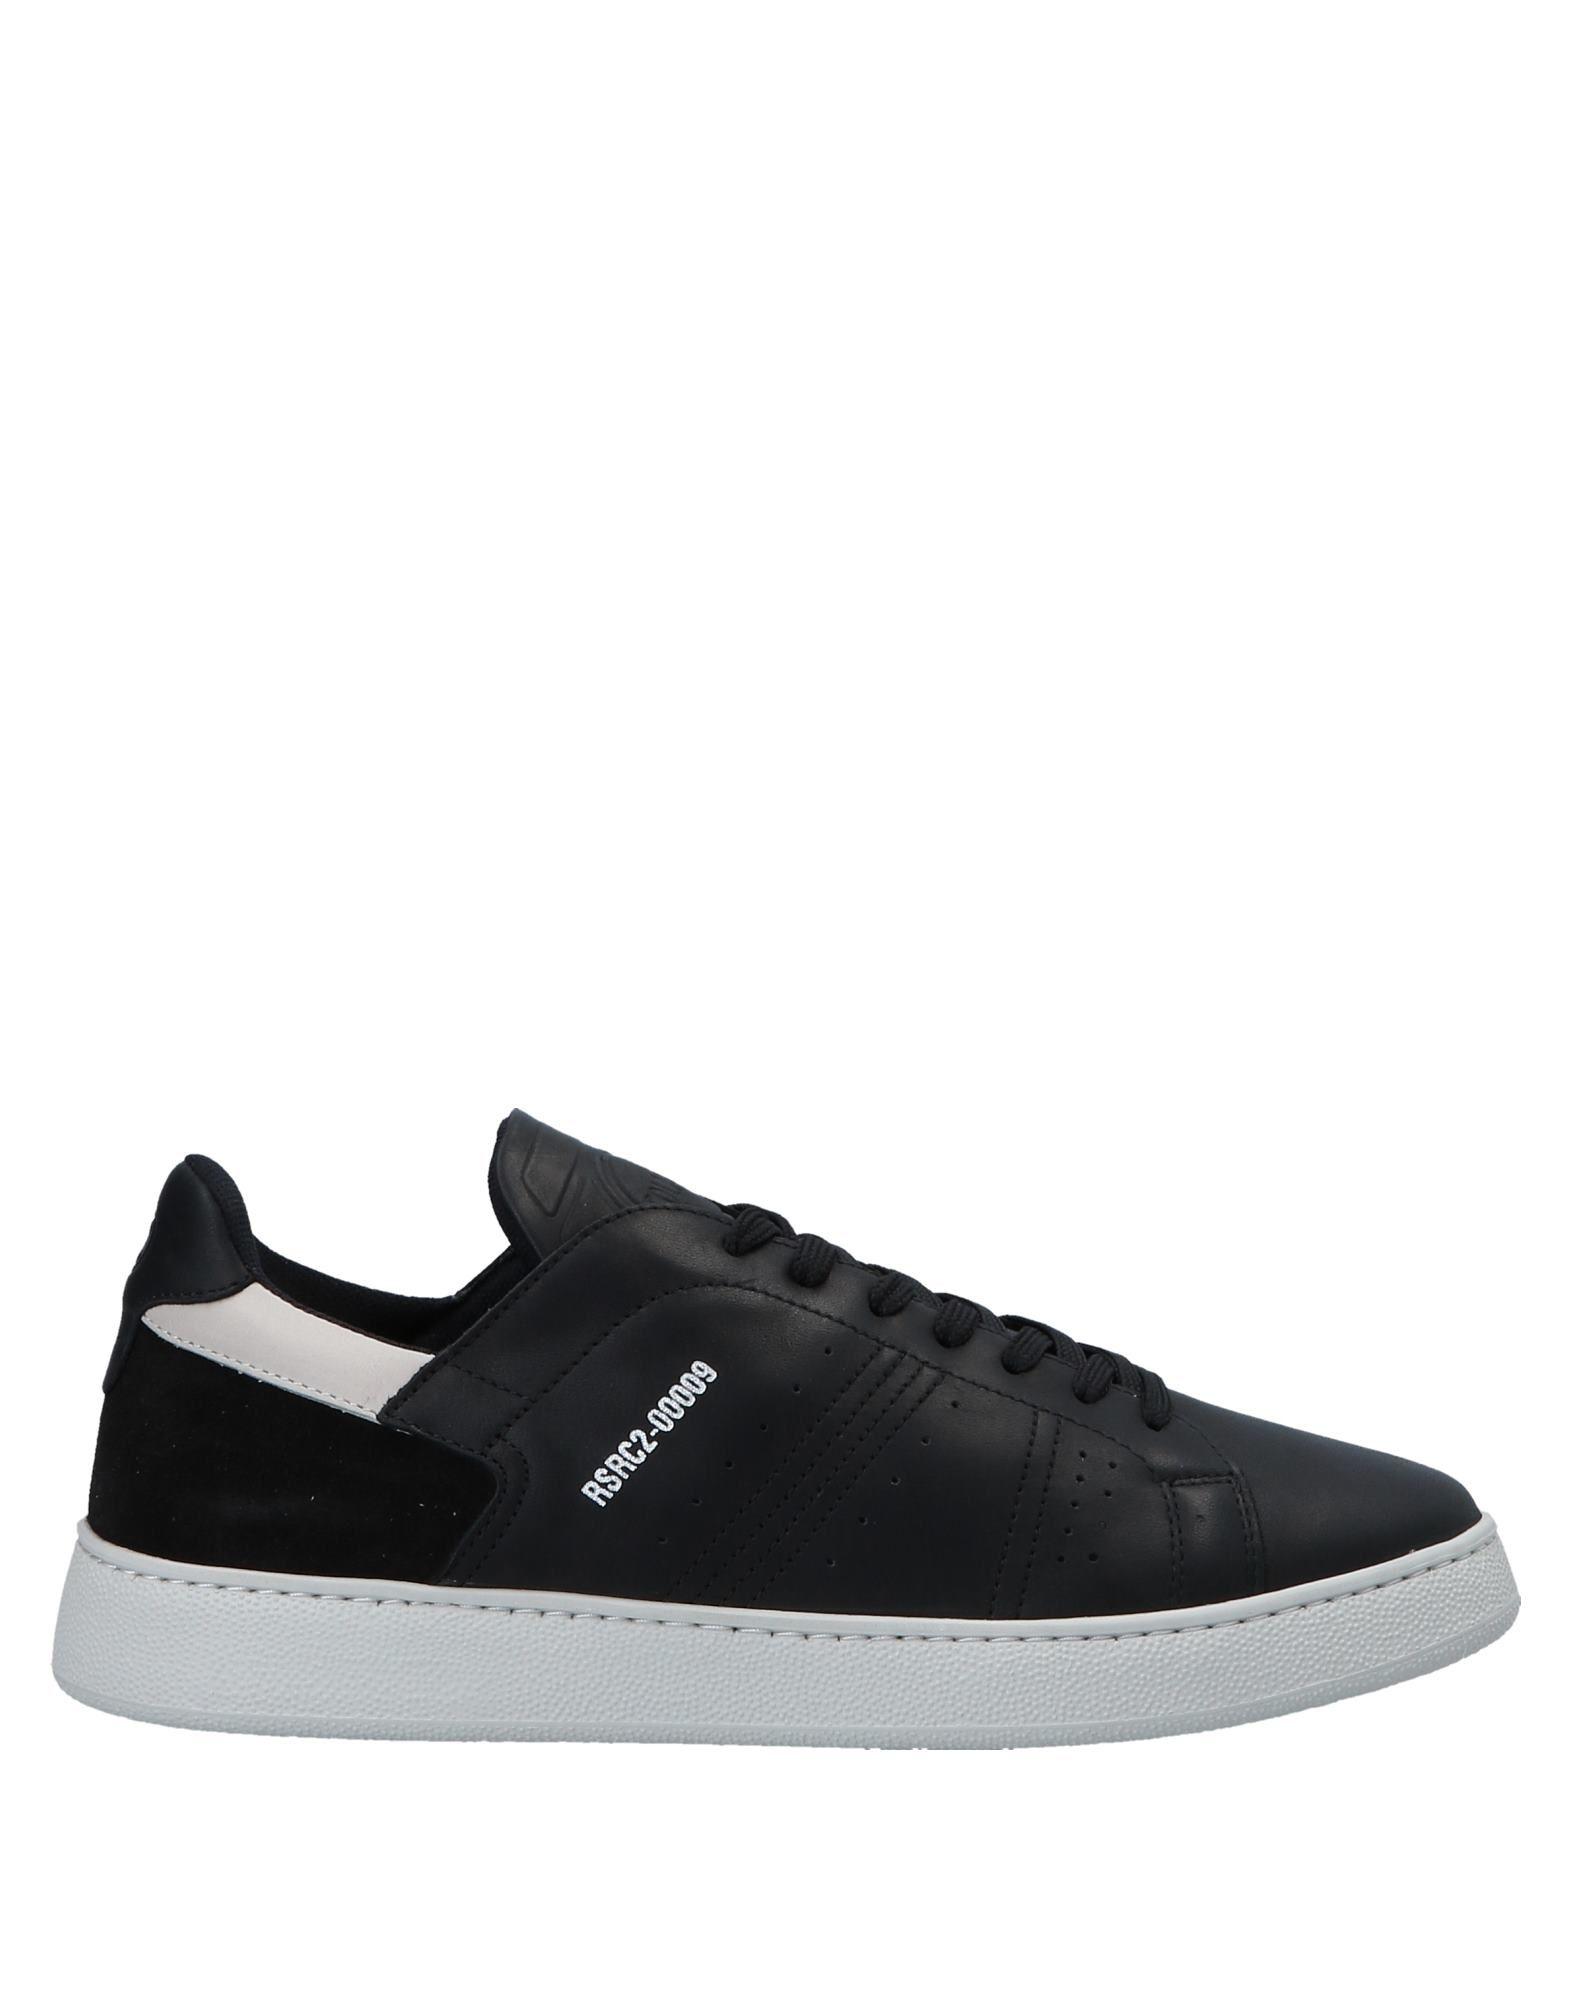 Rabatt echte Schuhe Colmar Sneakers Herren  11553022JG